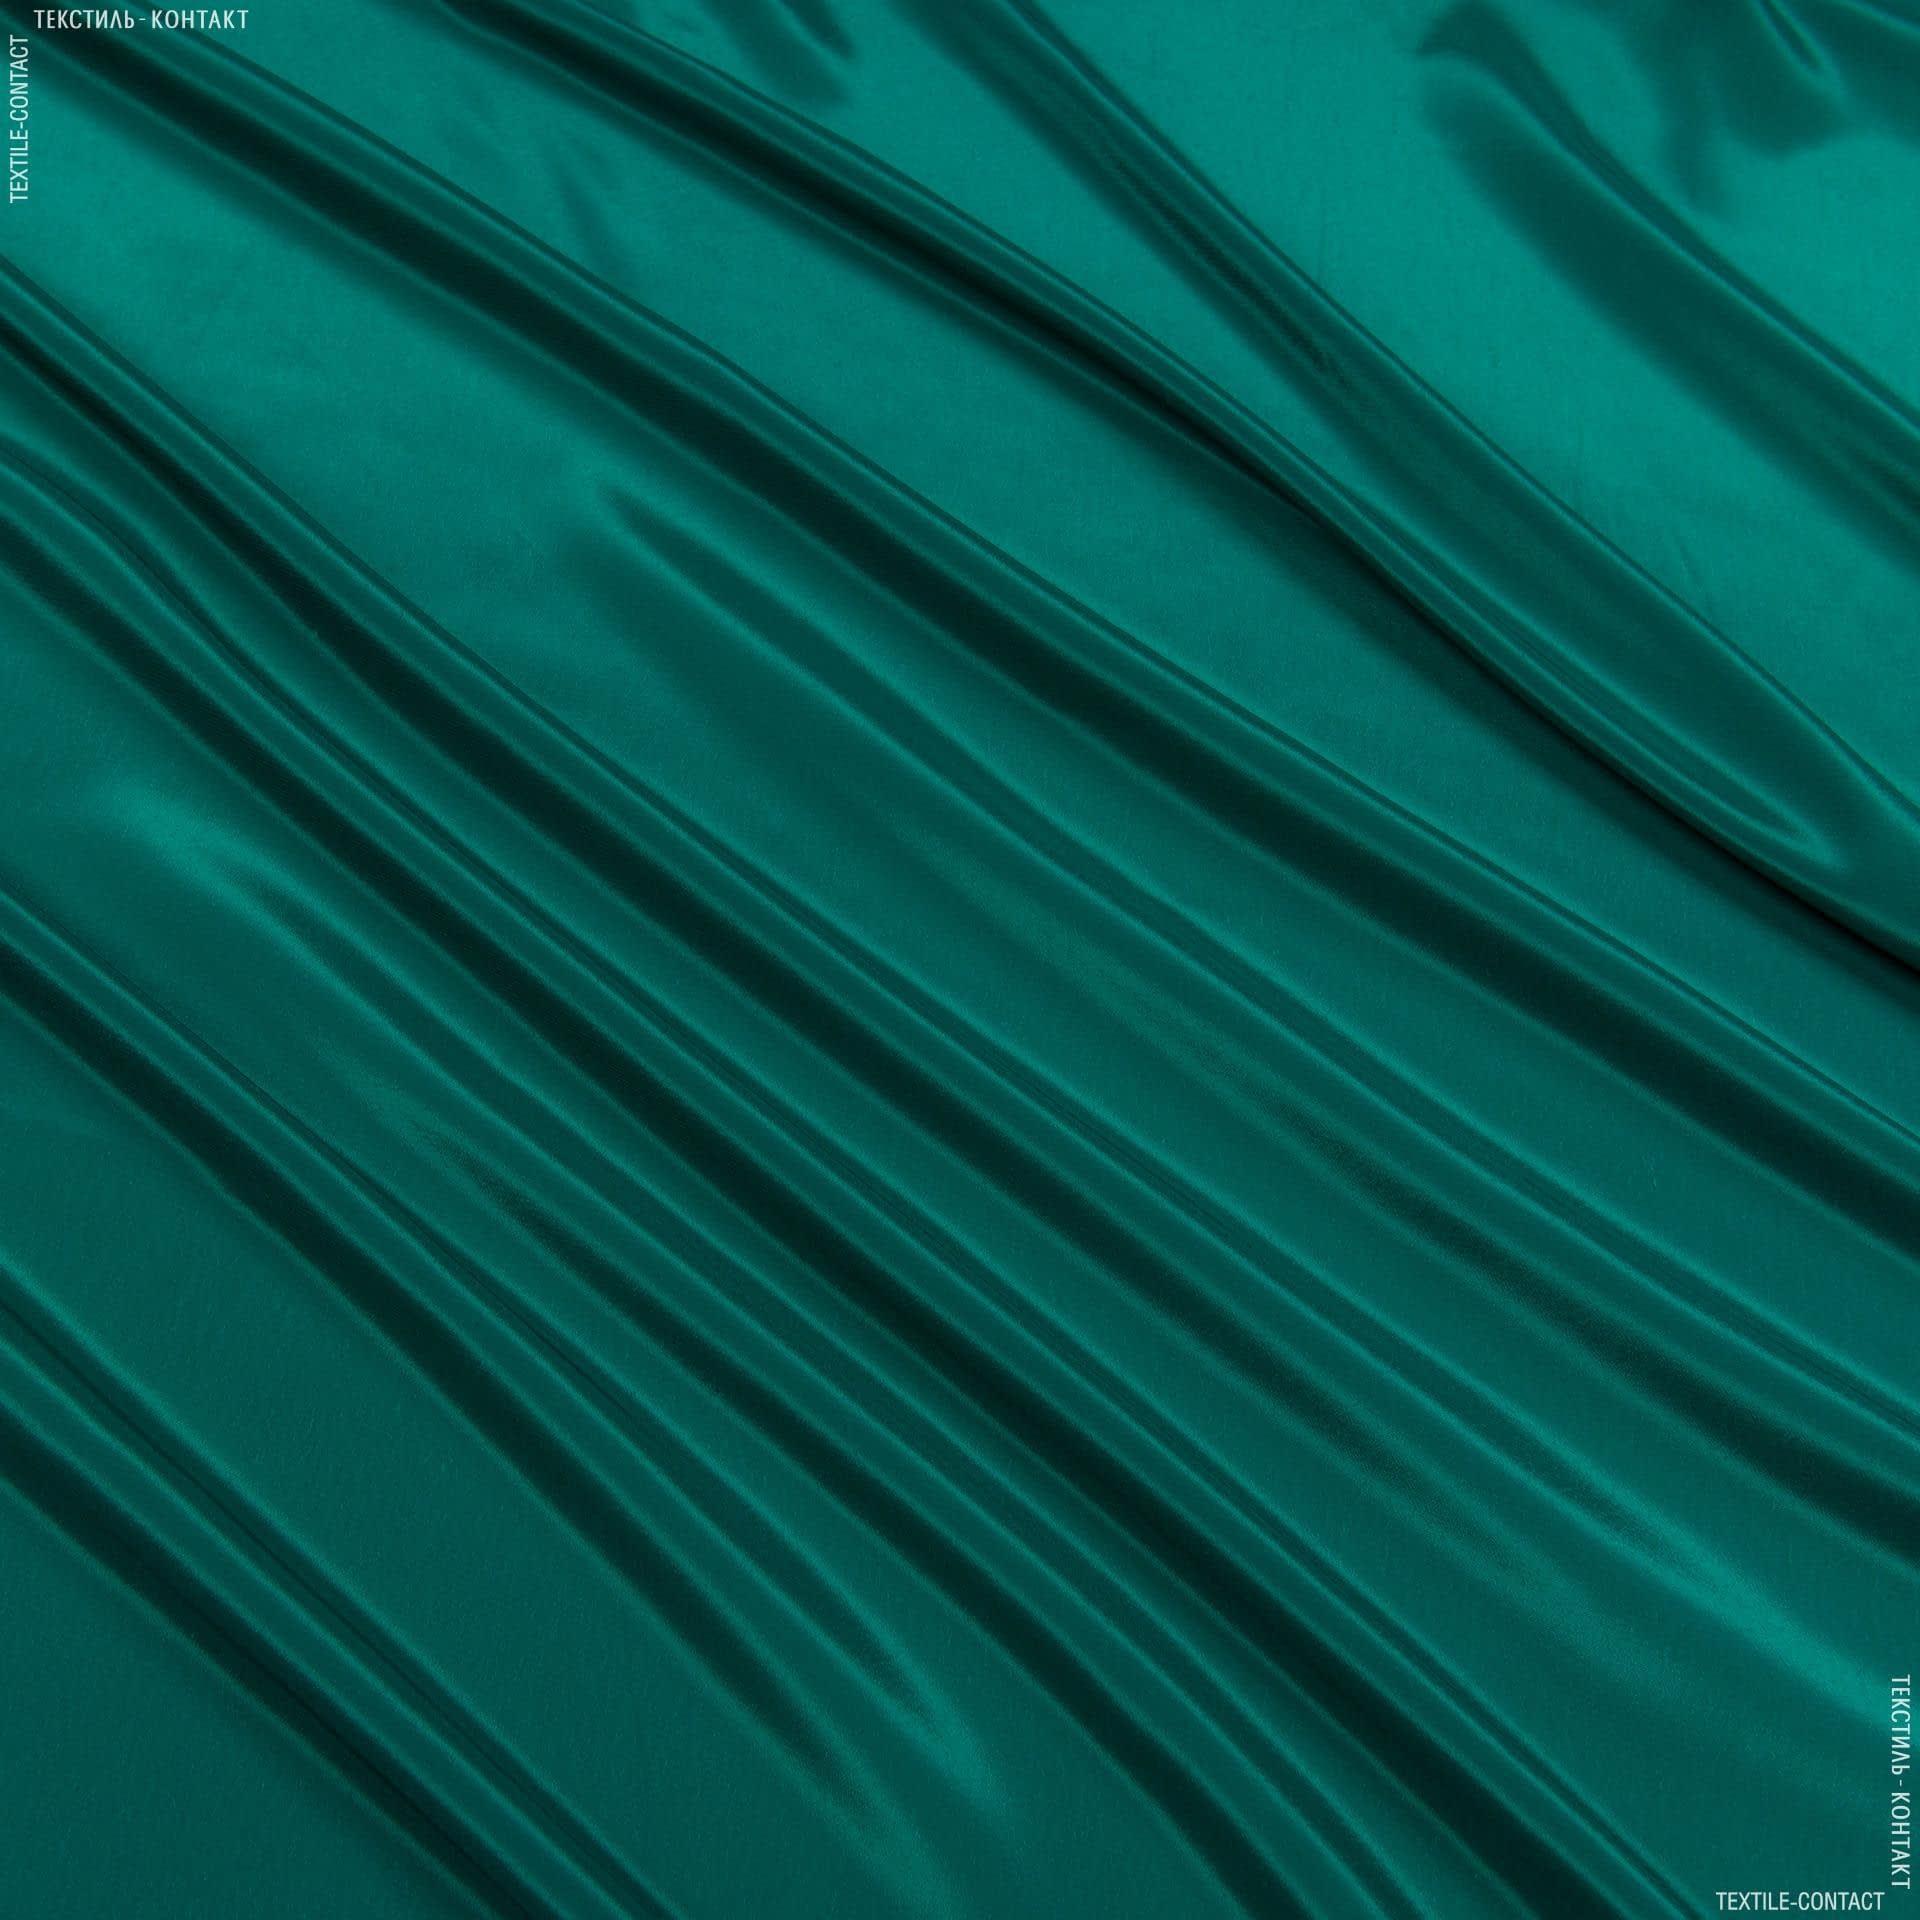 Ткани для платков и бандан - Креп кошибо темно-зеленый